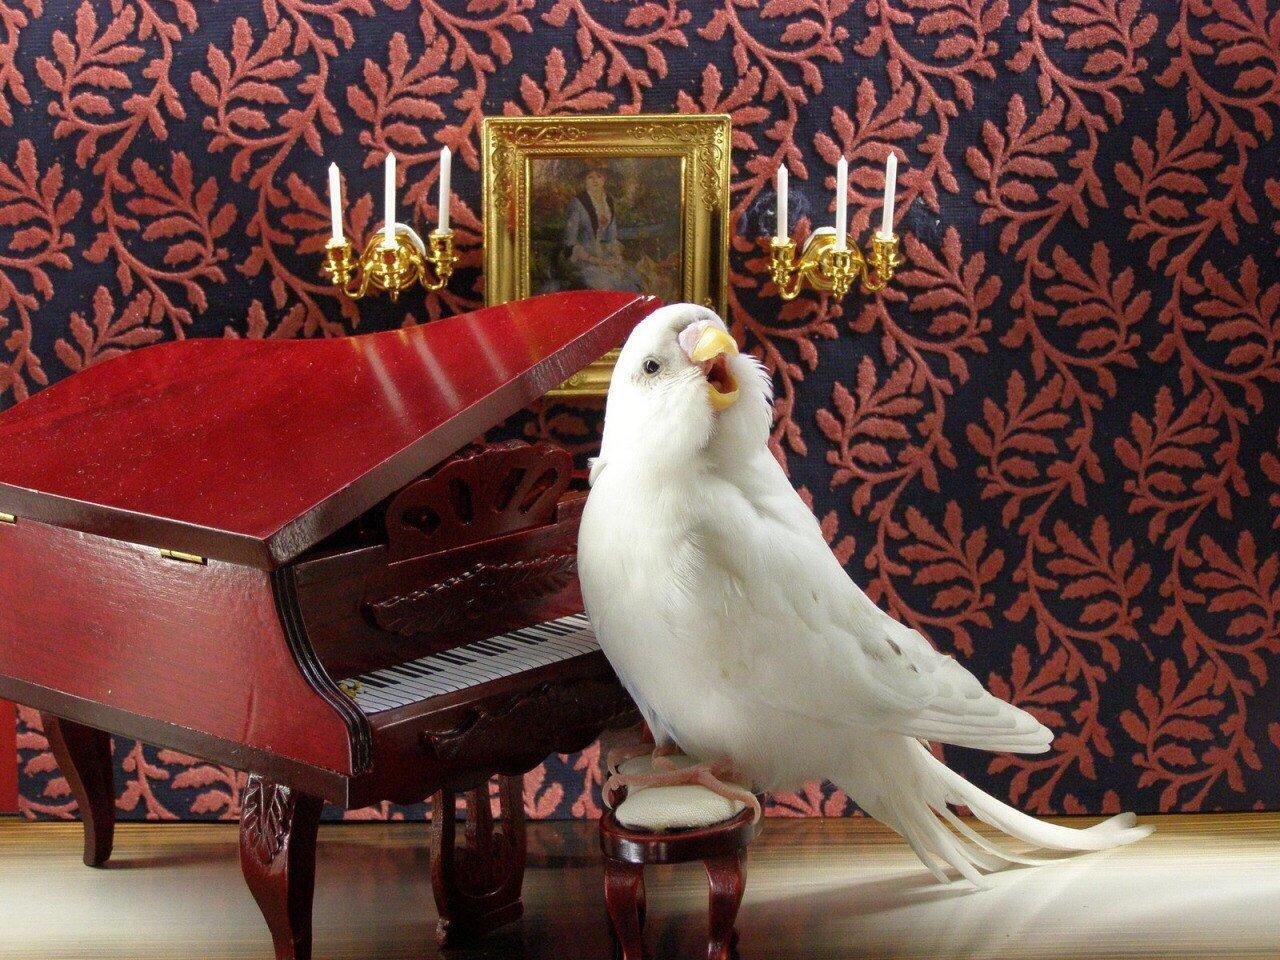 Картинки смешные попугай, гифы мерцающие